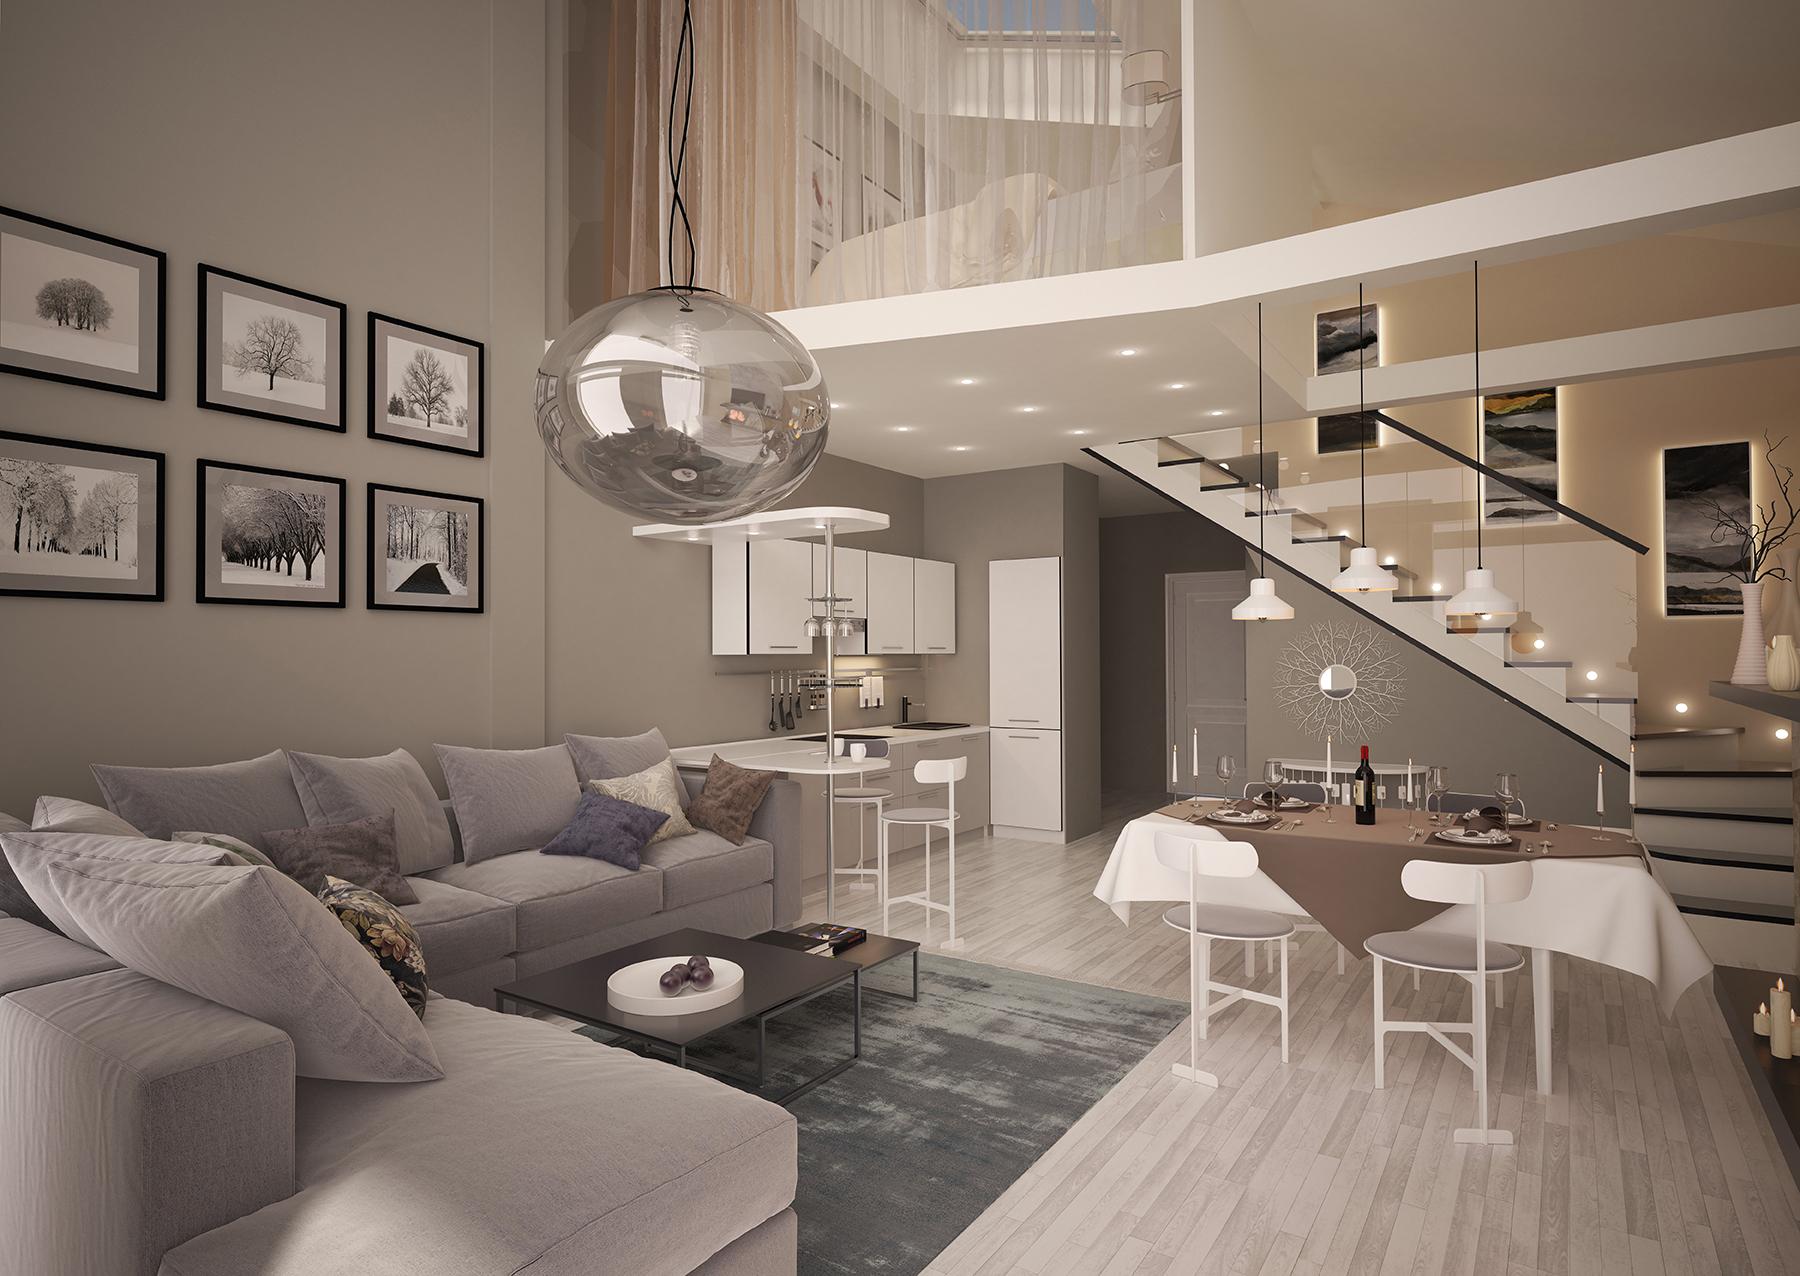 Двухэтажная квартира студия в москве фото своим